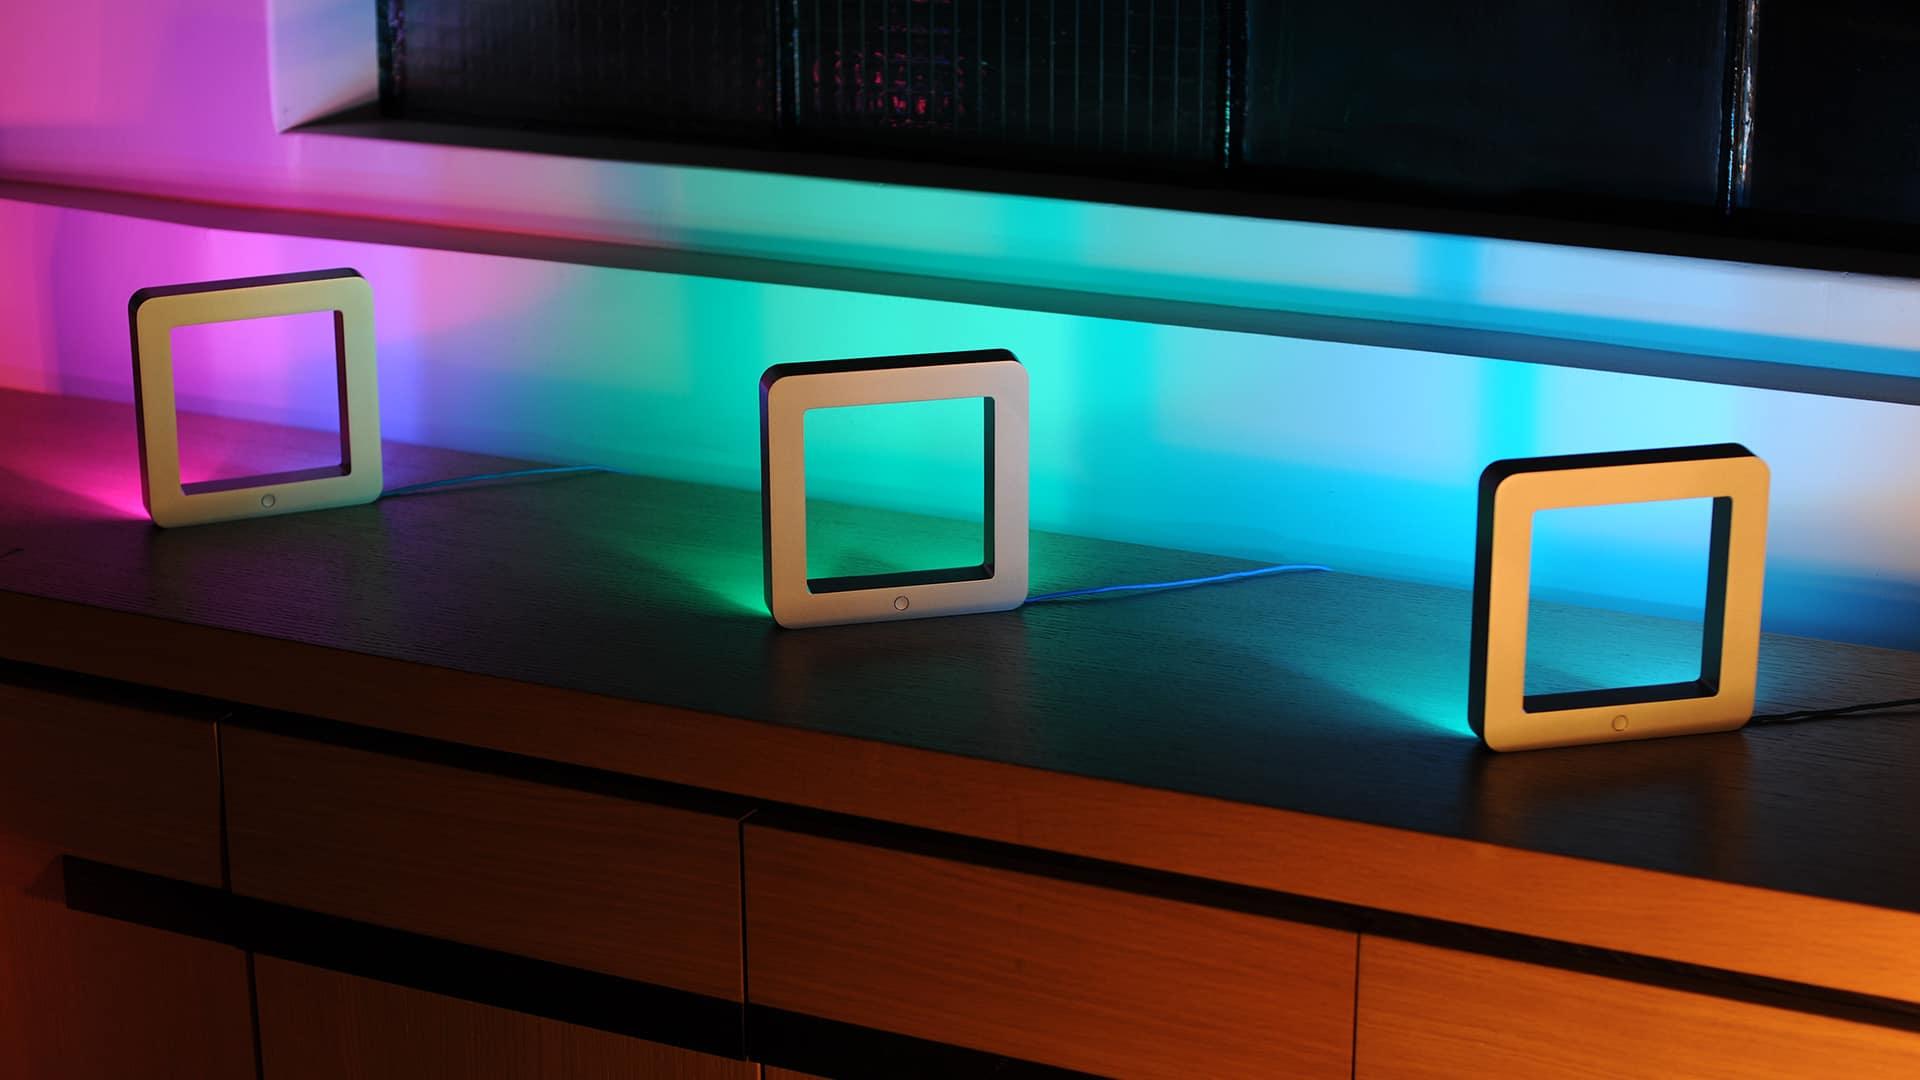 Eine Lampe für viele Farben (Foto: Holimotion)